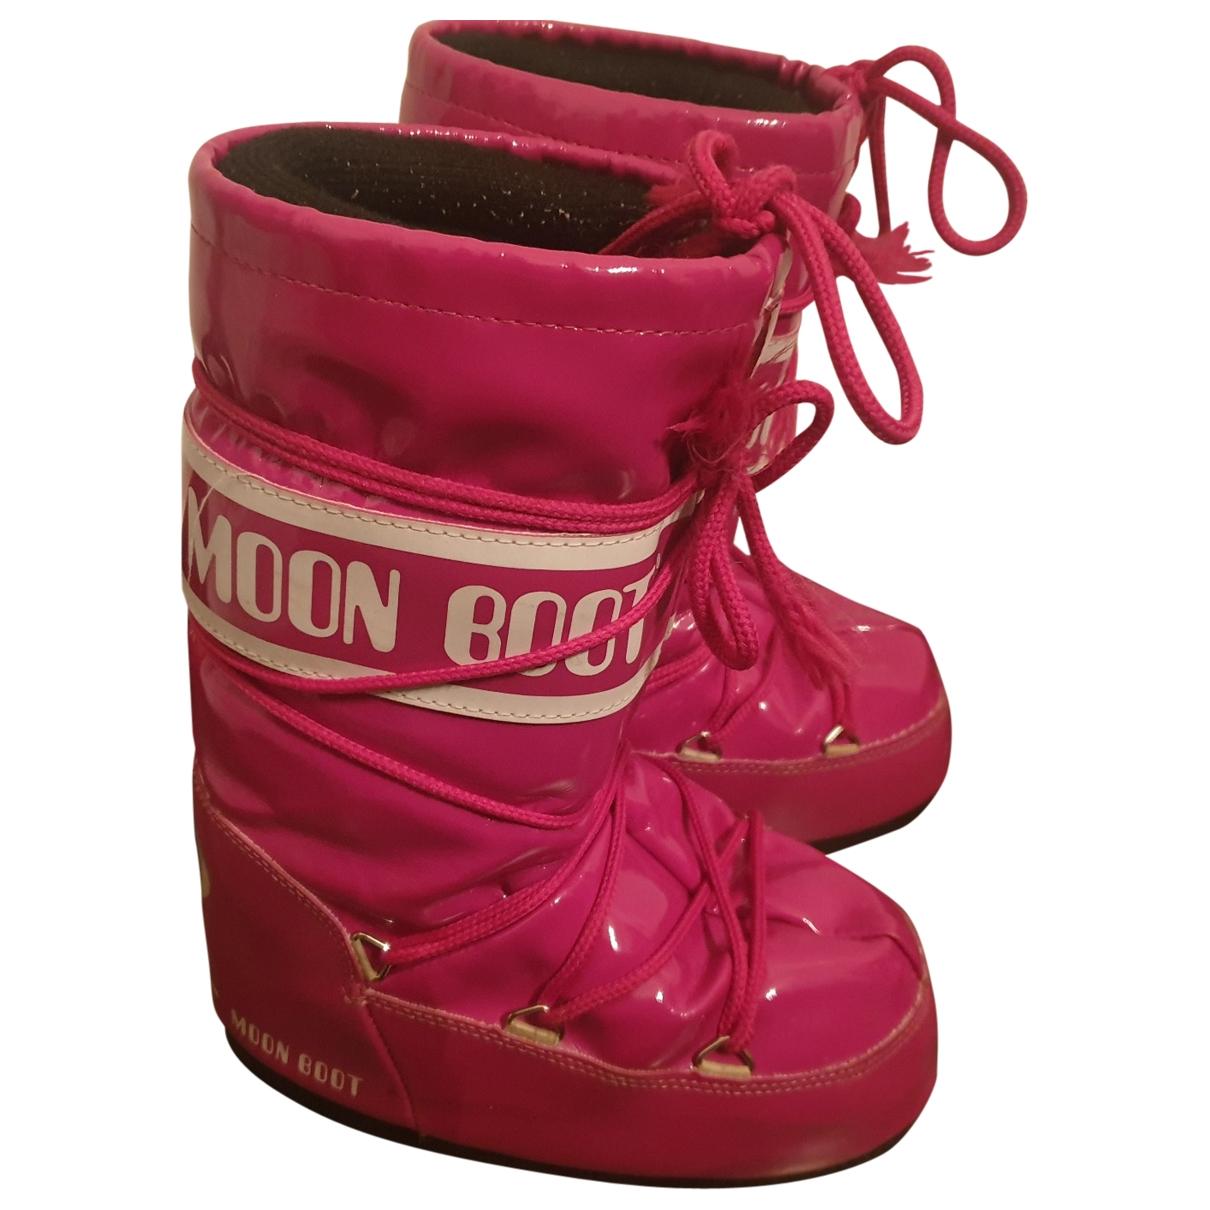 Moon Boot - Bottes.Bottines   pour enfant - rose